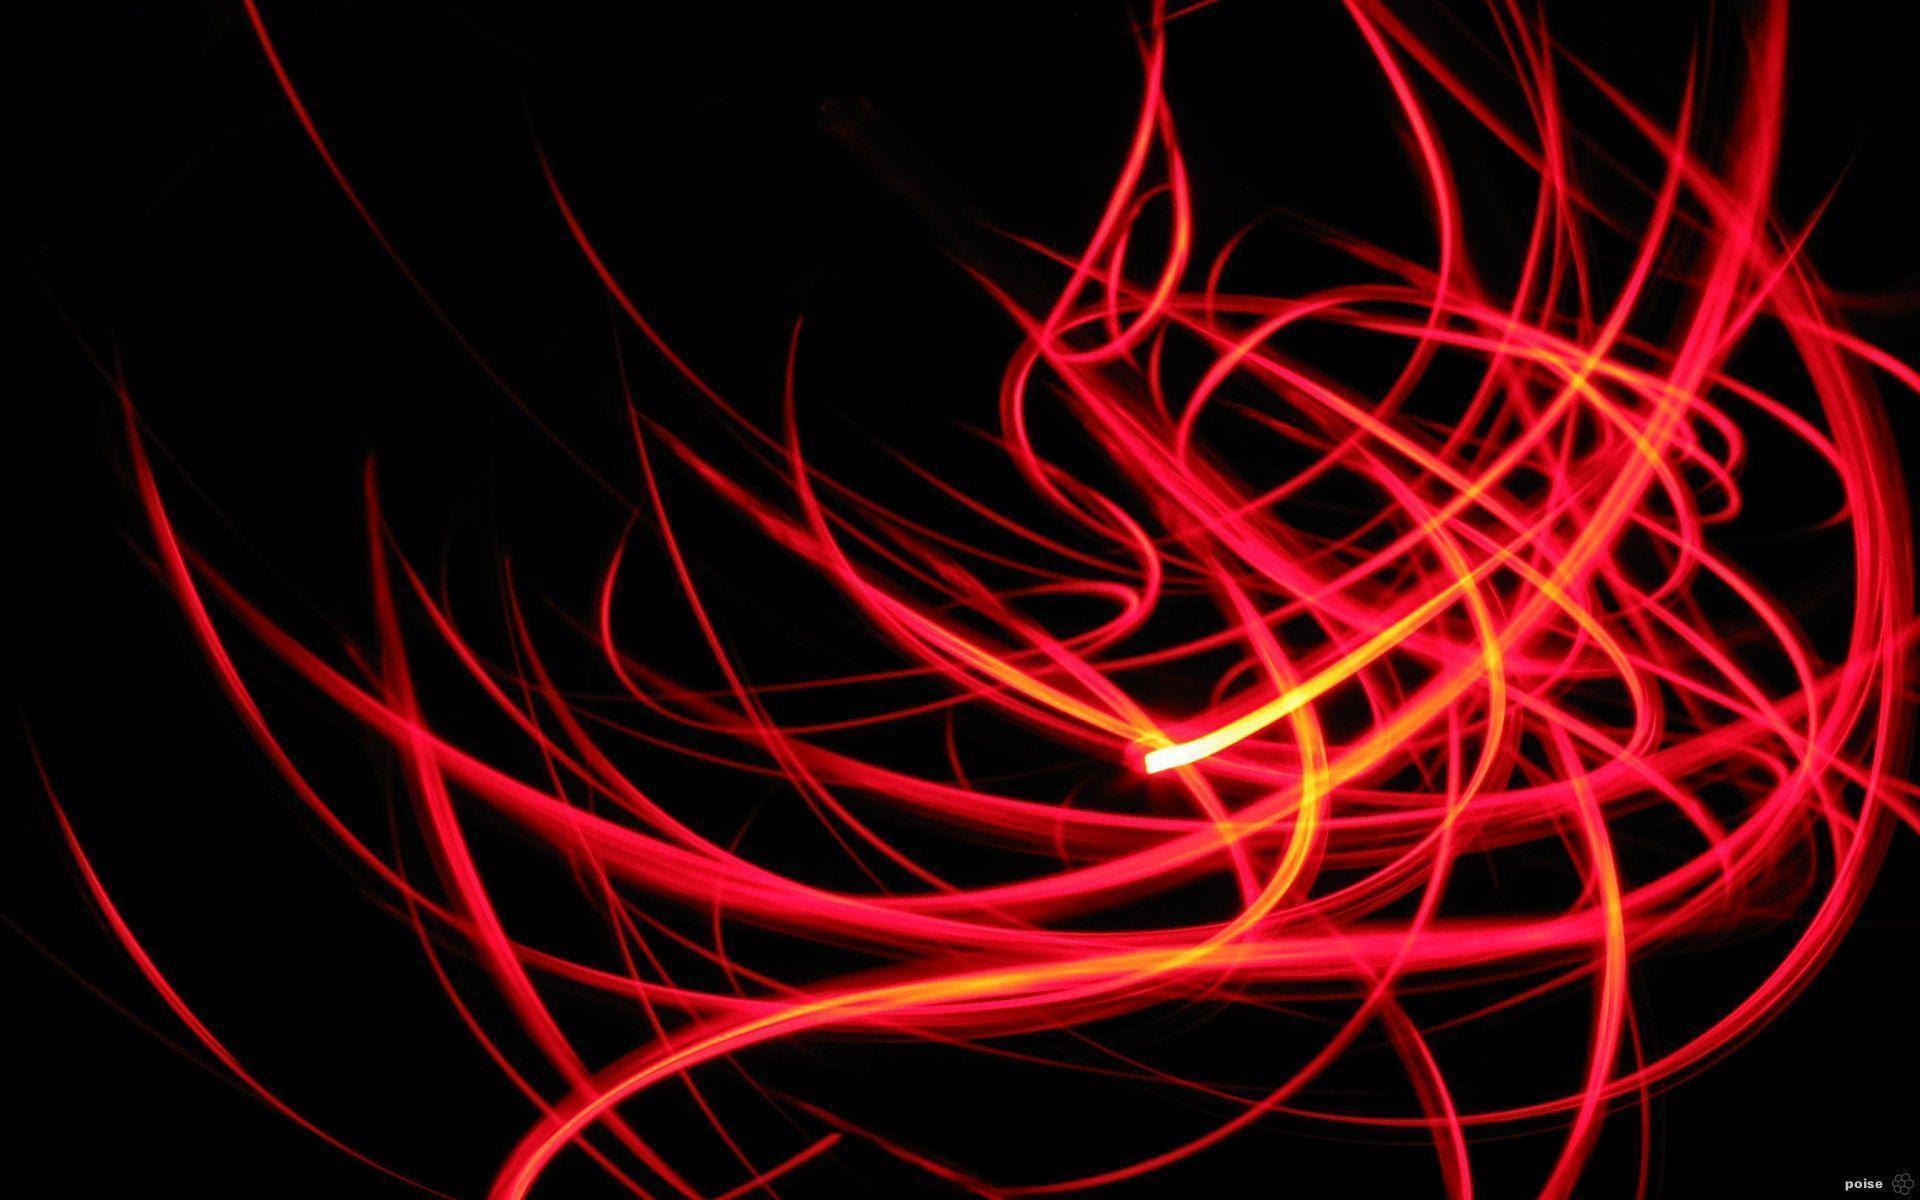 Download 650 Koleksi Wallpaper Hitam Neon Paling Keren